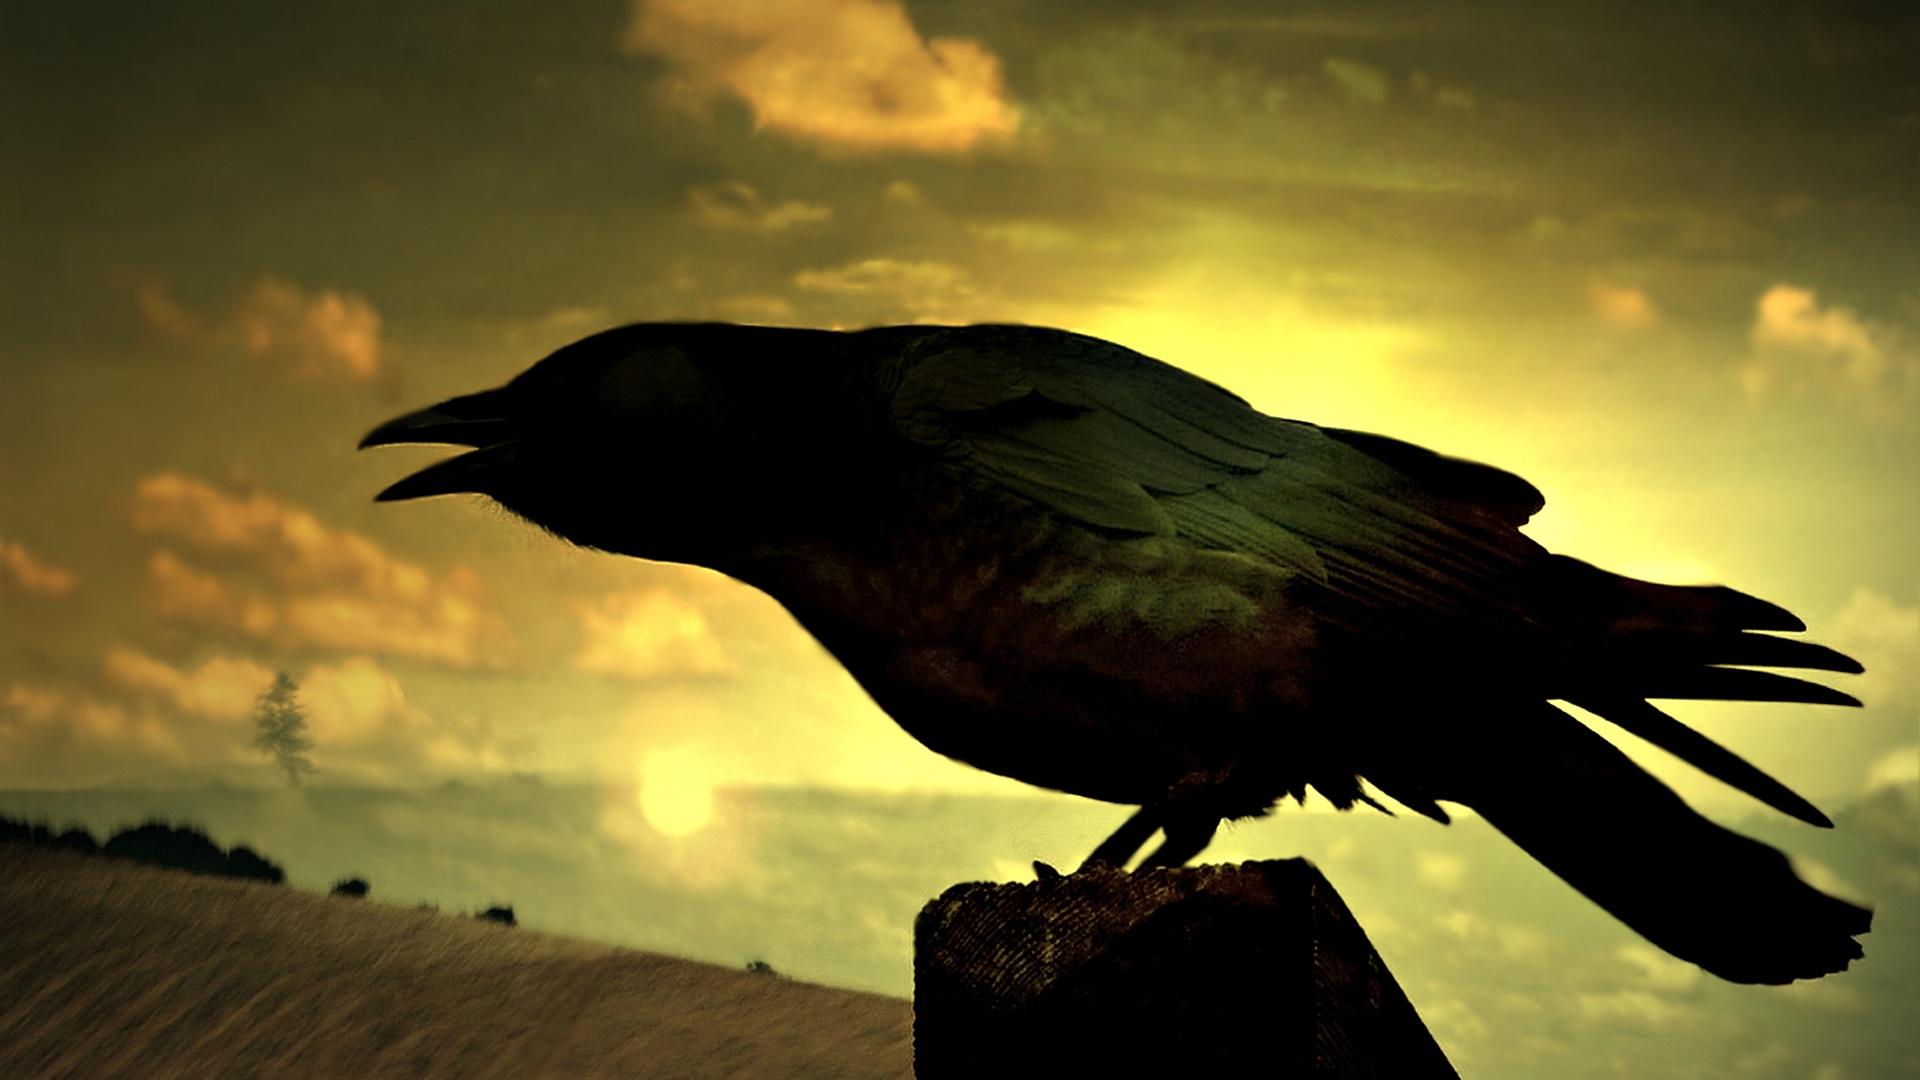 Своим умом новокаледонские вороны обязаны глазам и клюву